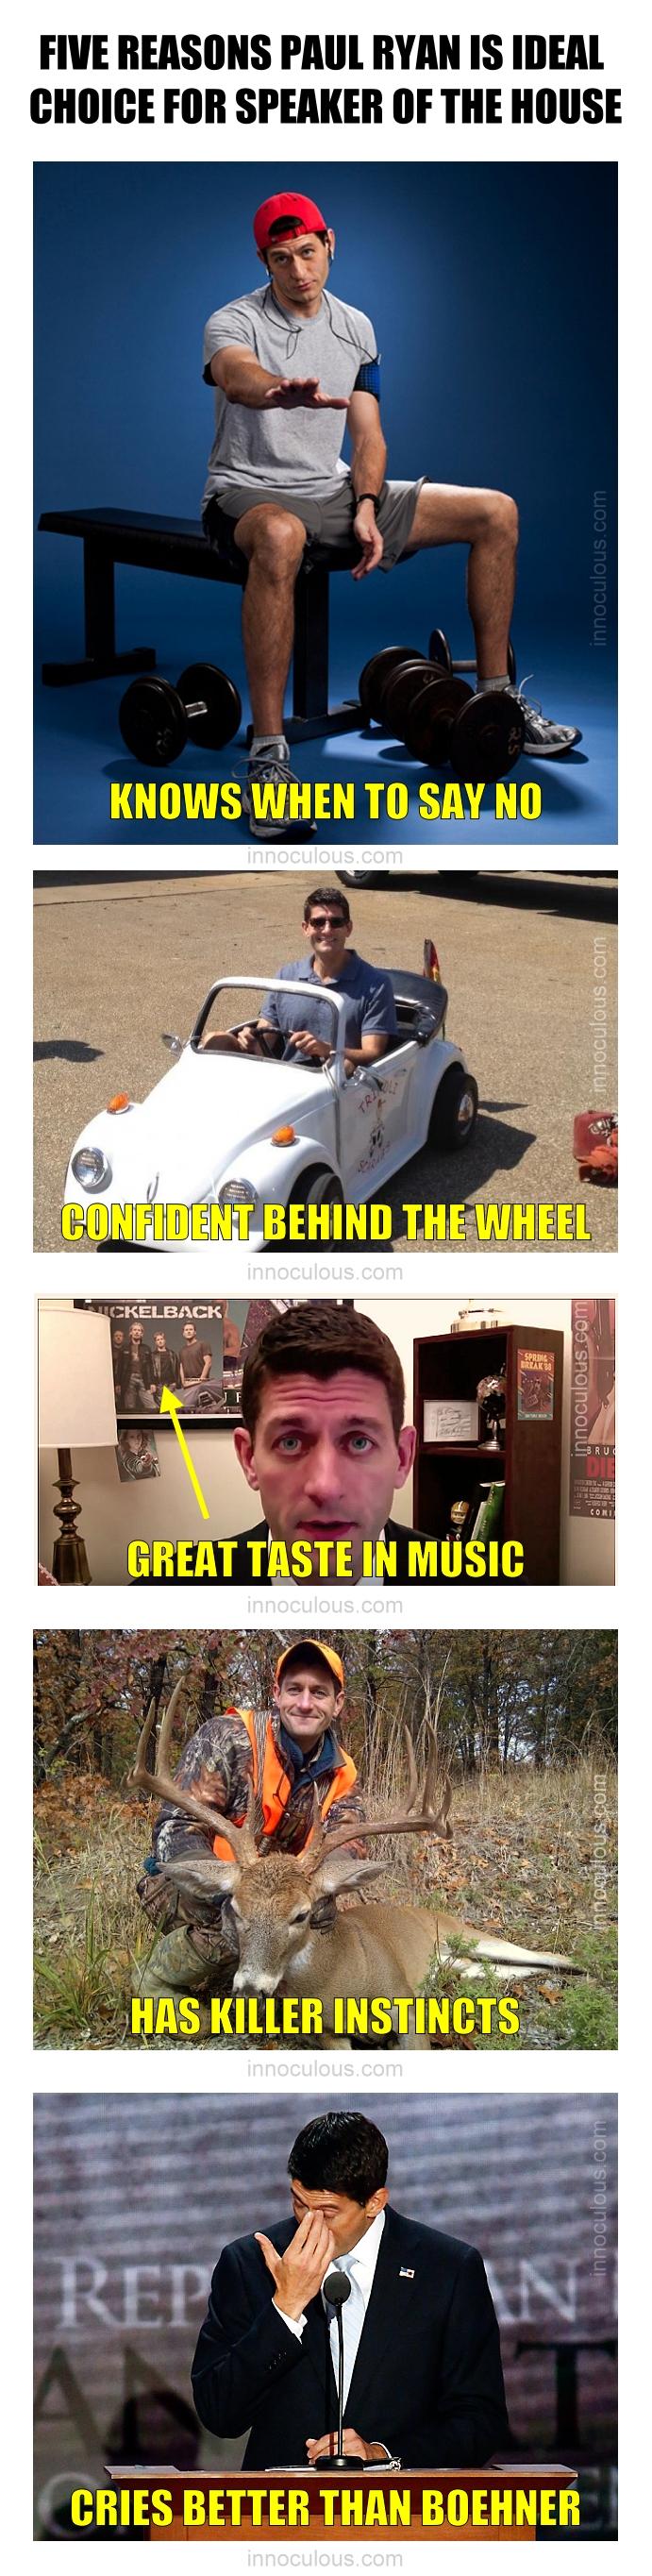 Five Reasons Paul Ryan